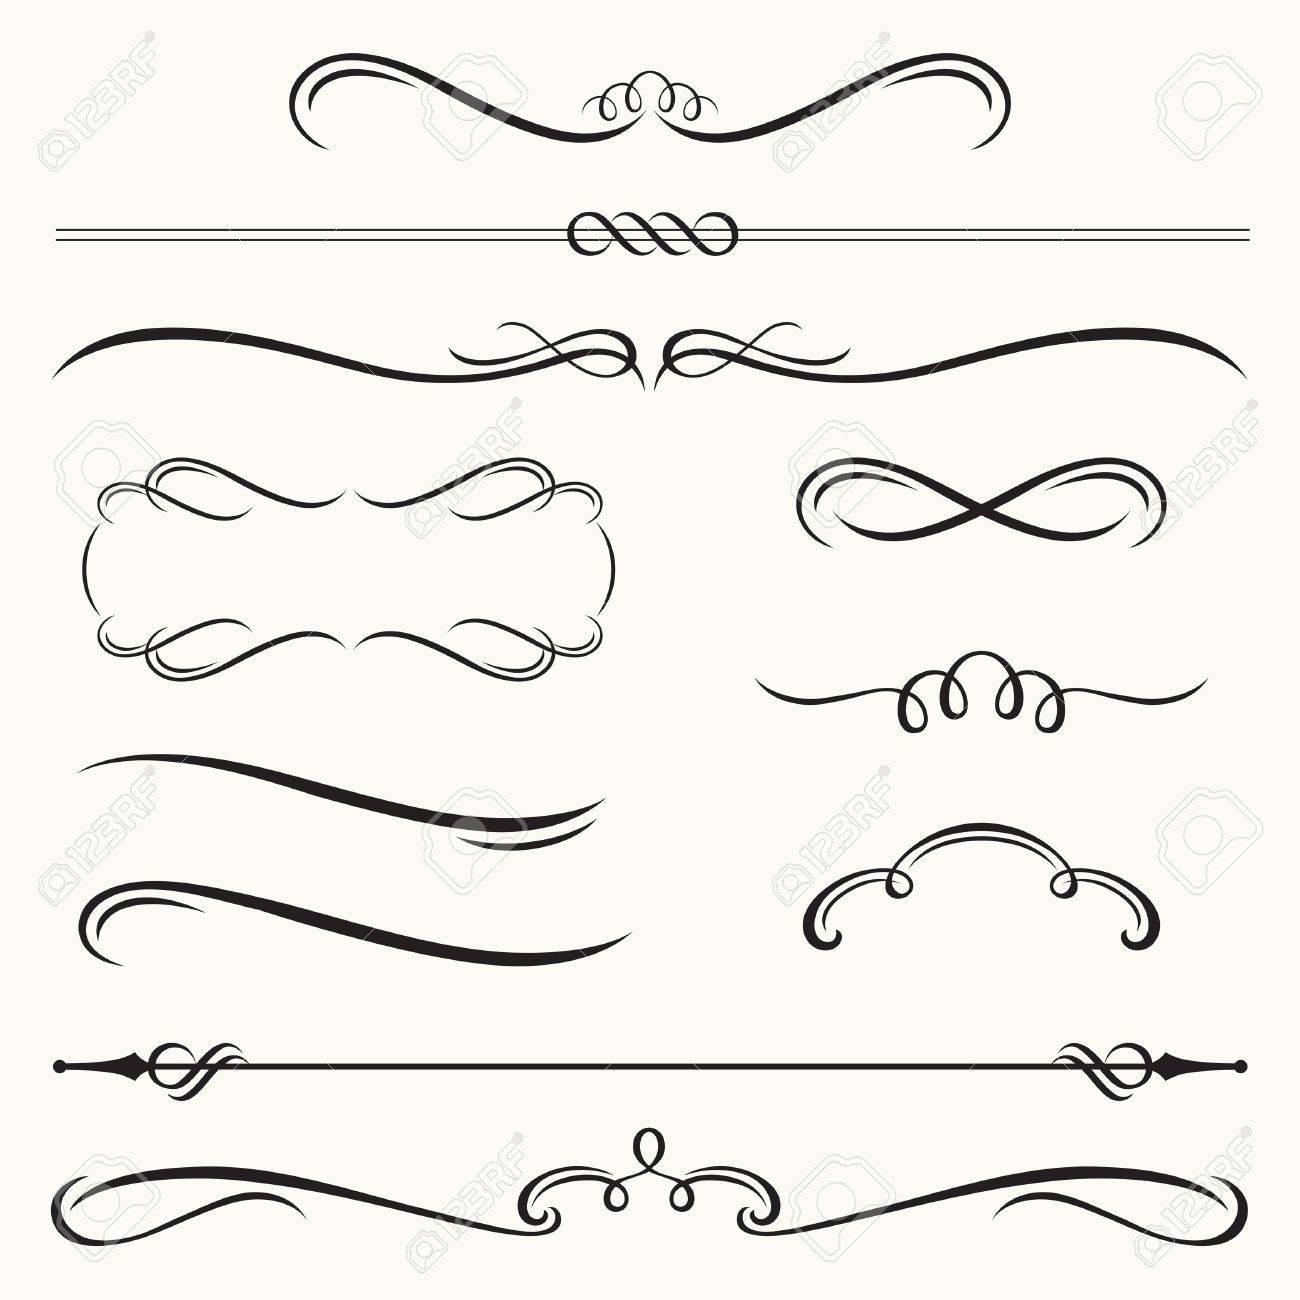 Illustration De Bordure Decorative Et Jeu De Cadres Clip Art Libres De Droits Vecteurs Et Illustration Image 21746065